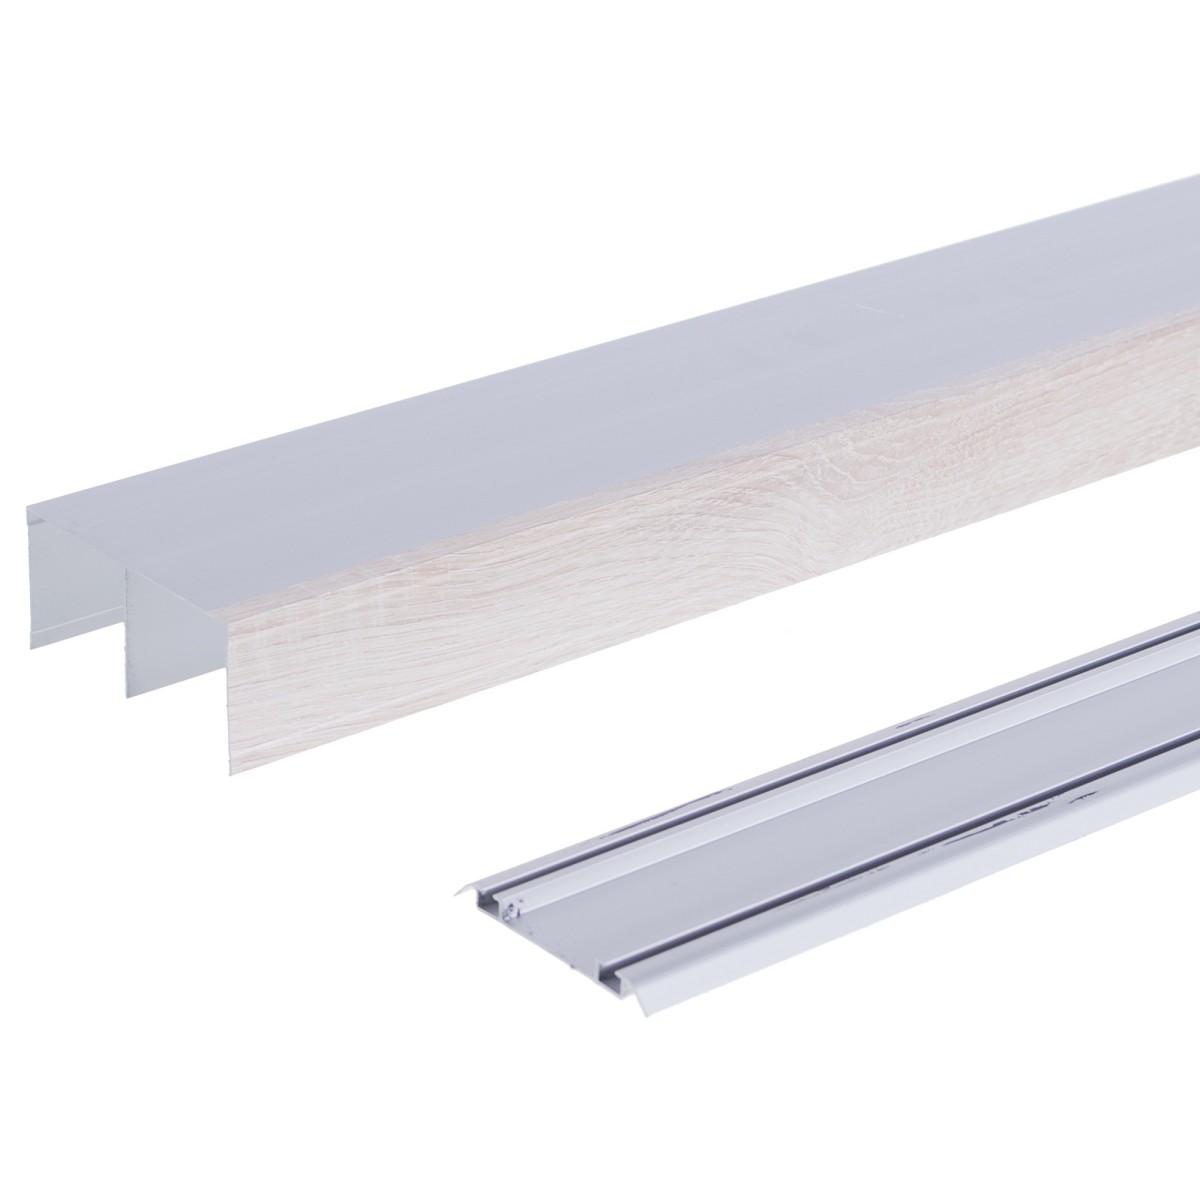 Комплект направляющих 1383 мм цвет дуб/серебро